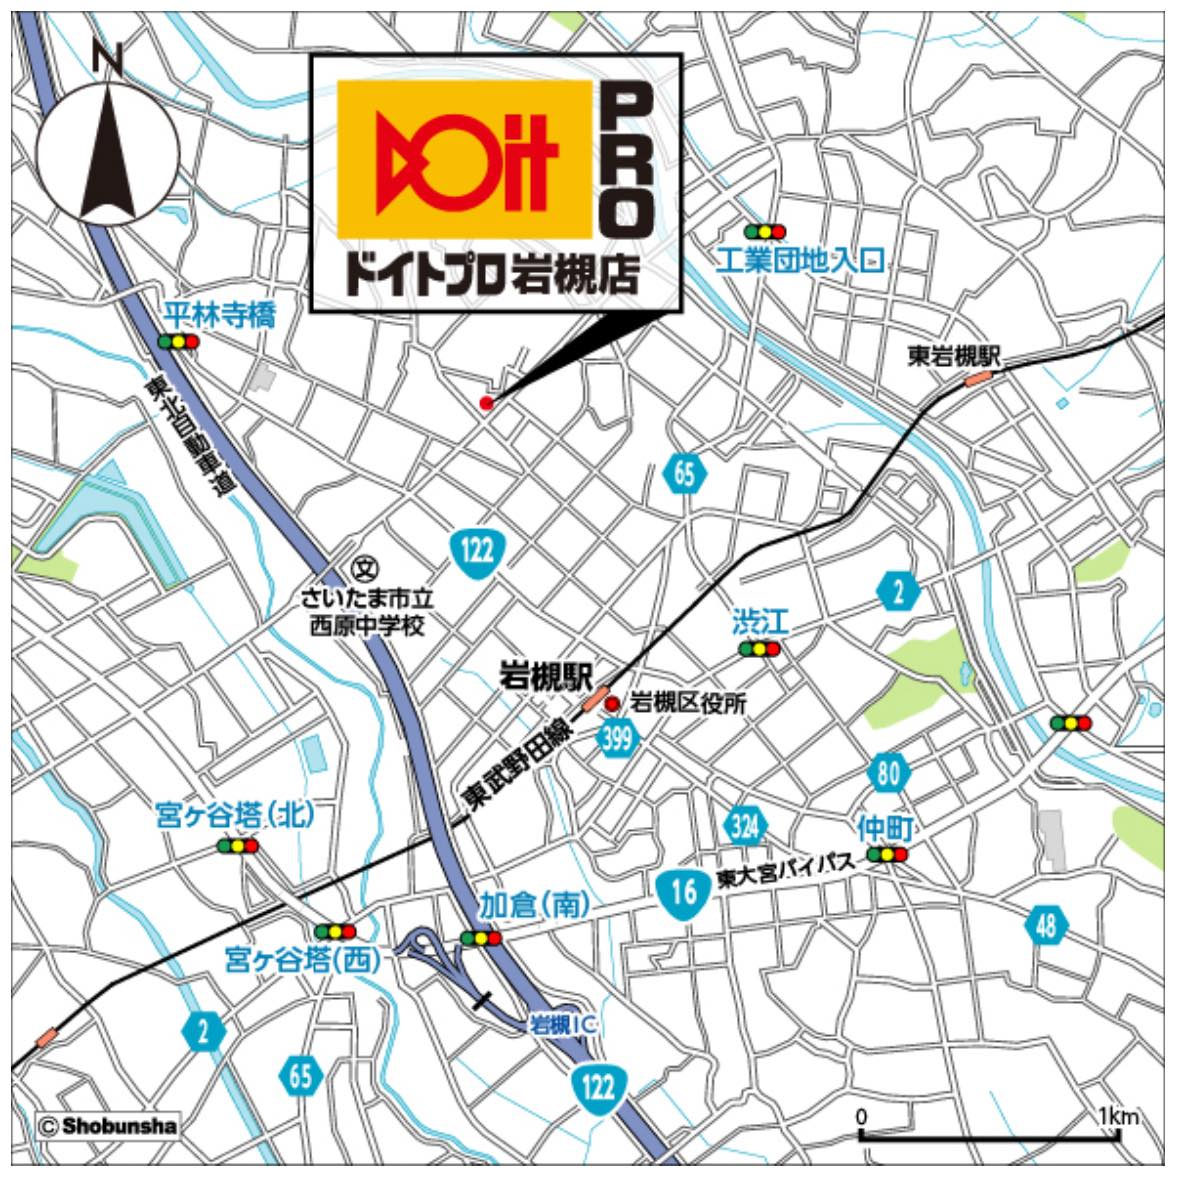 ドイトプロ岩槻店(埼玉県さいたま市)2017年2月1日オープン|ドイト株式会社